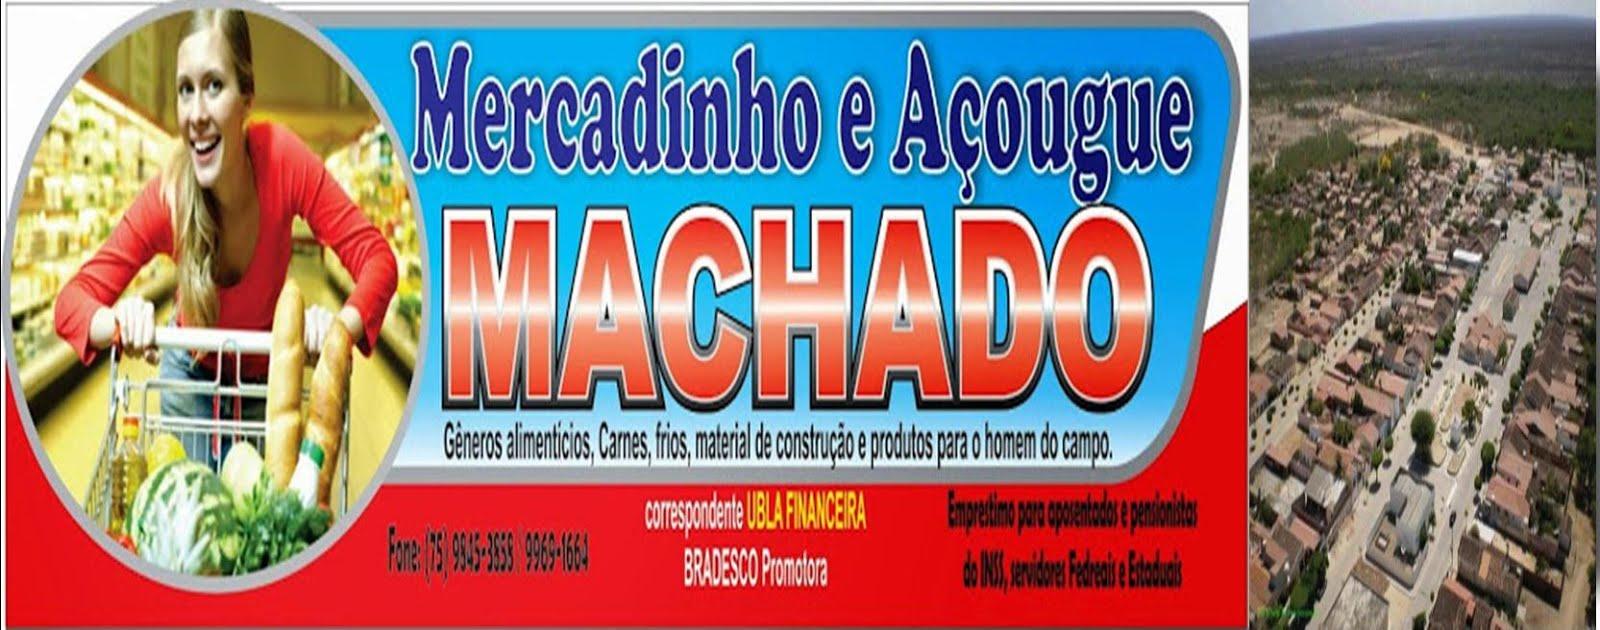 Mercadinho e Açougue Machado